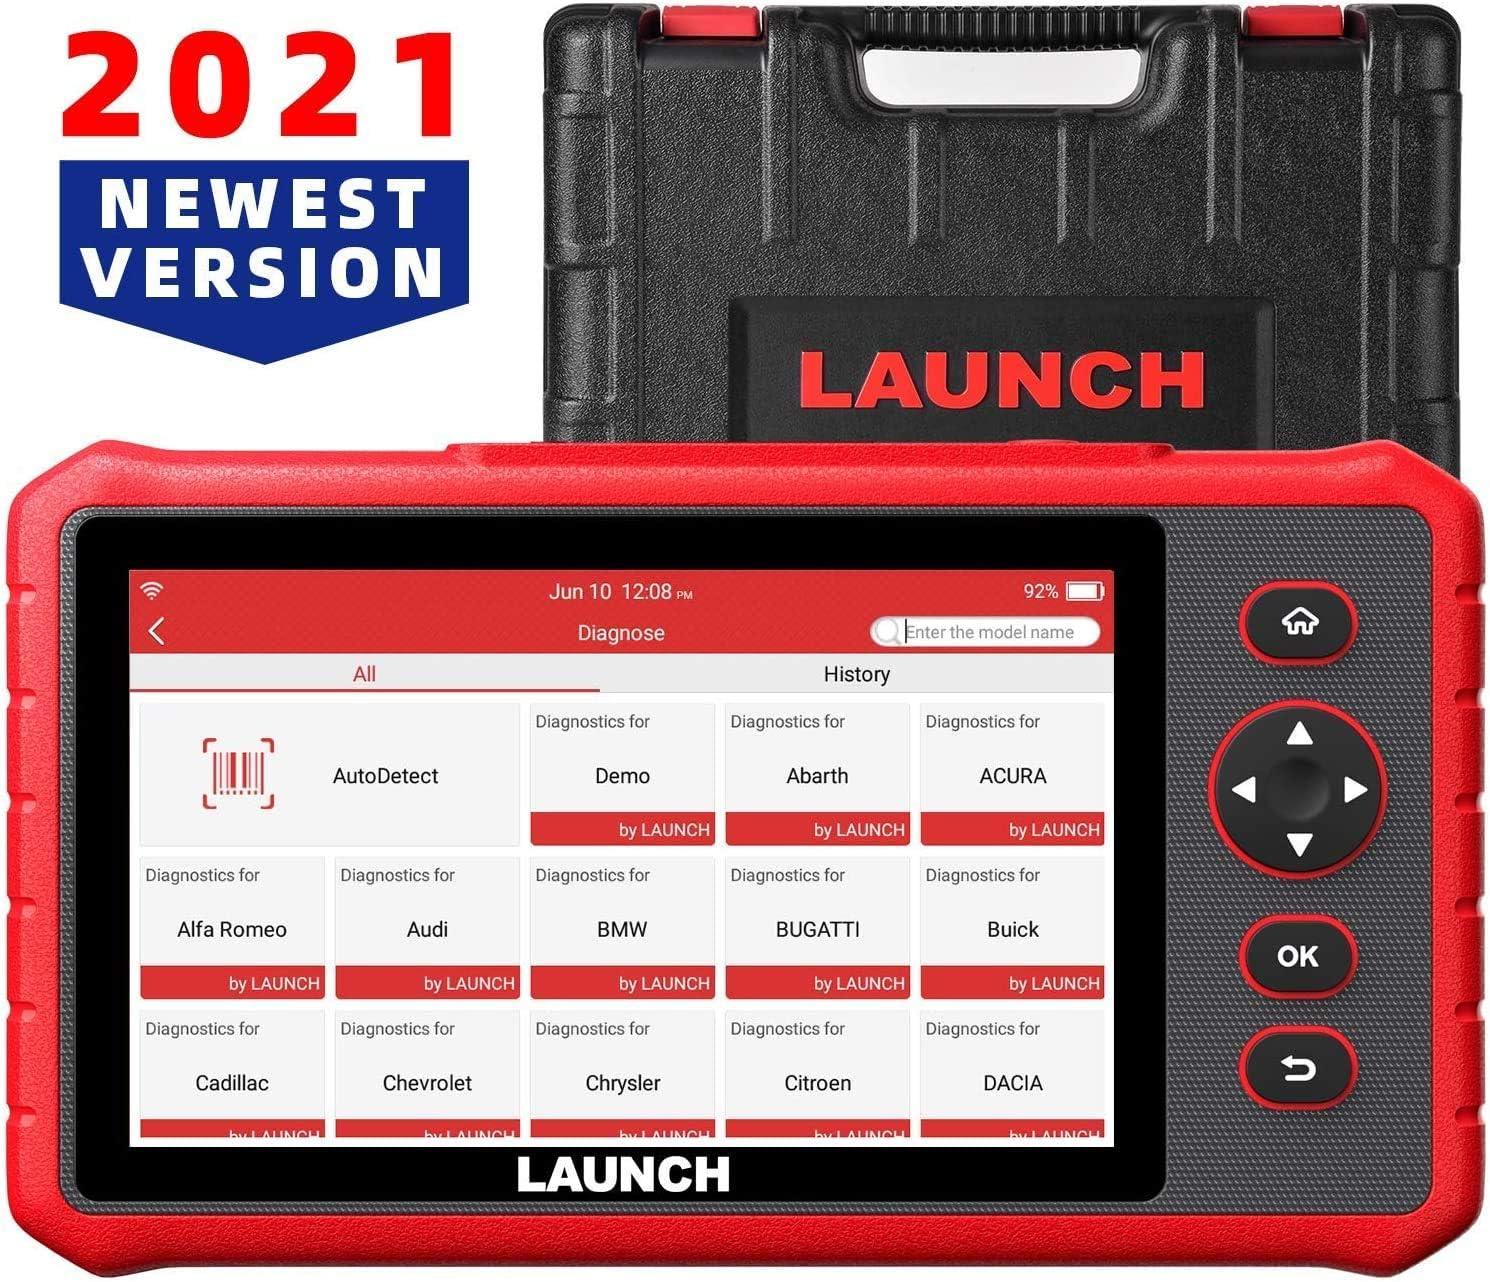 LAUNCH CRP909X Code Reader Interfaz Diagnosis Android 7.1 Escáner OBD2 15 Funciones de Servicio Sistemas Completos y Pantalla Touch de 7.0 Pulgadas Actualizaciones por Wi-Fi 1 Año [ 2020 Nuevo ]